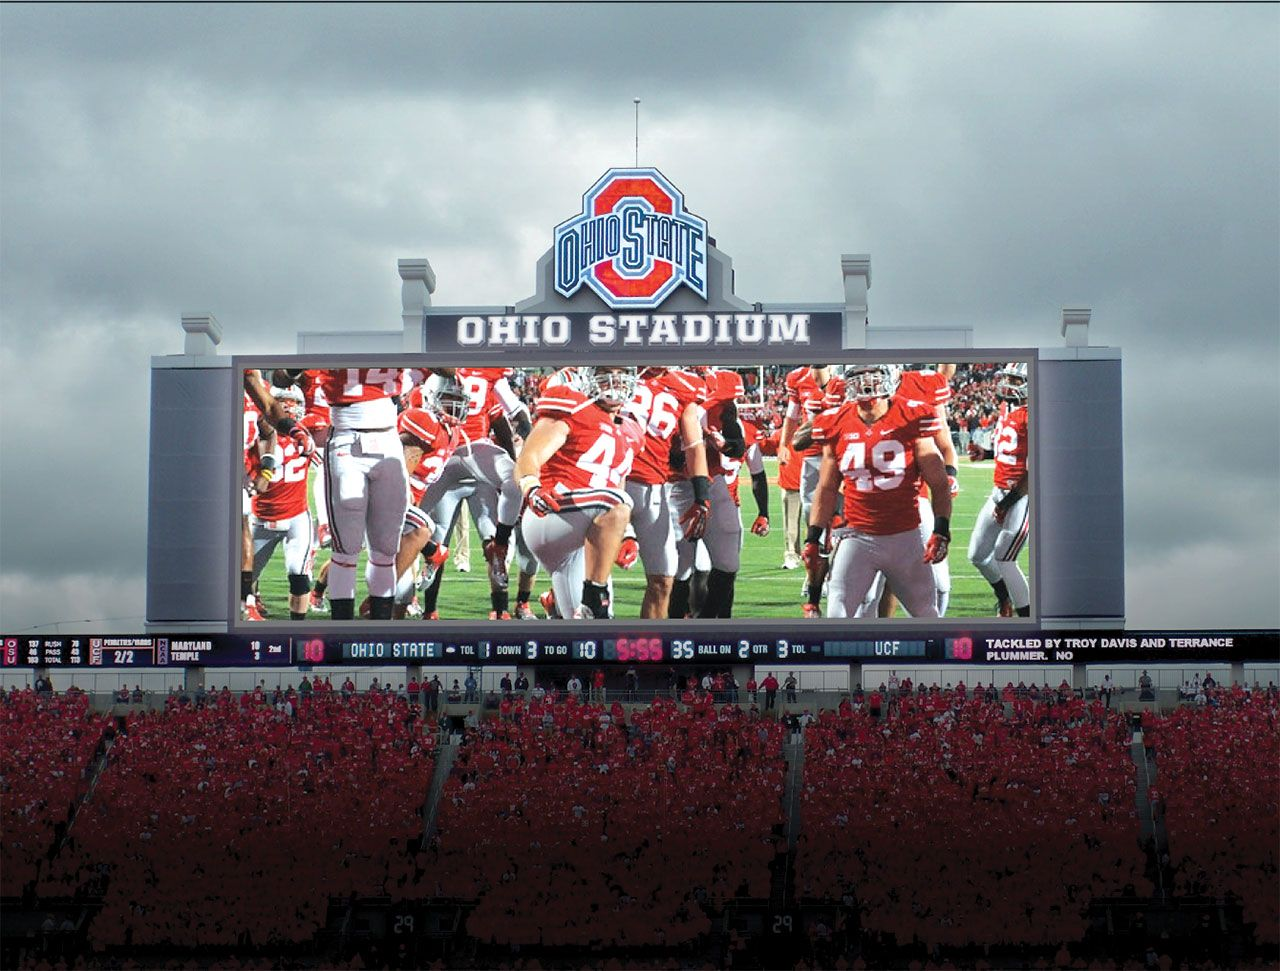 Image Result For Ohio Stadium Scoreboard Ohio Stadium Ohio Ohio State